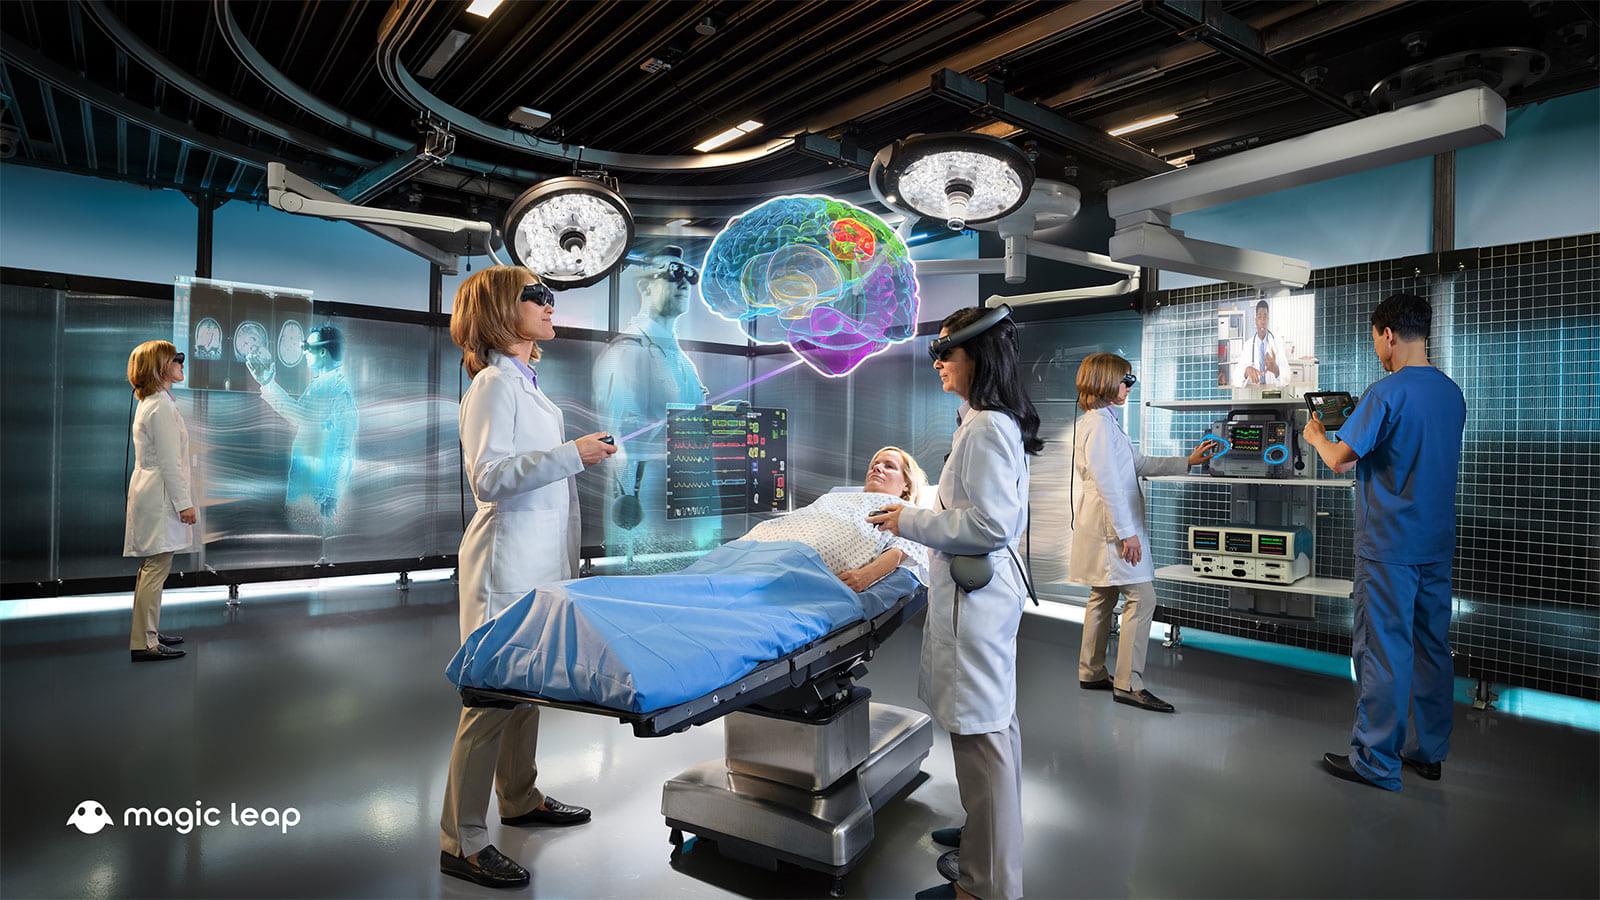 現実空間にデジタルを融合。空間コンピューティングのMagic Leap